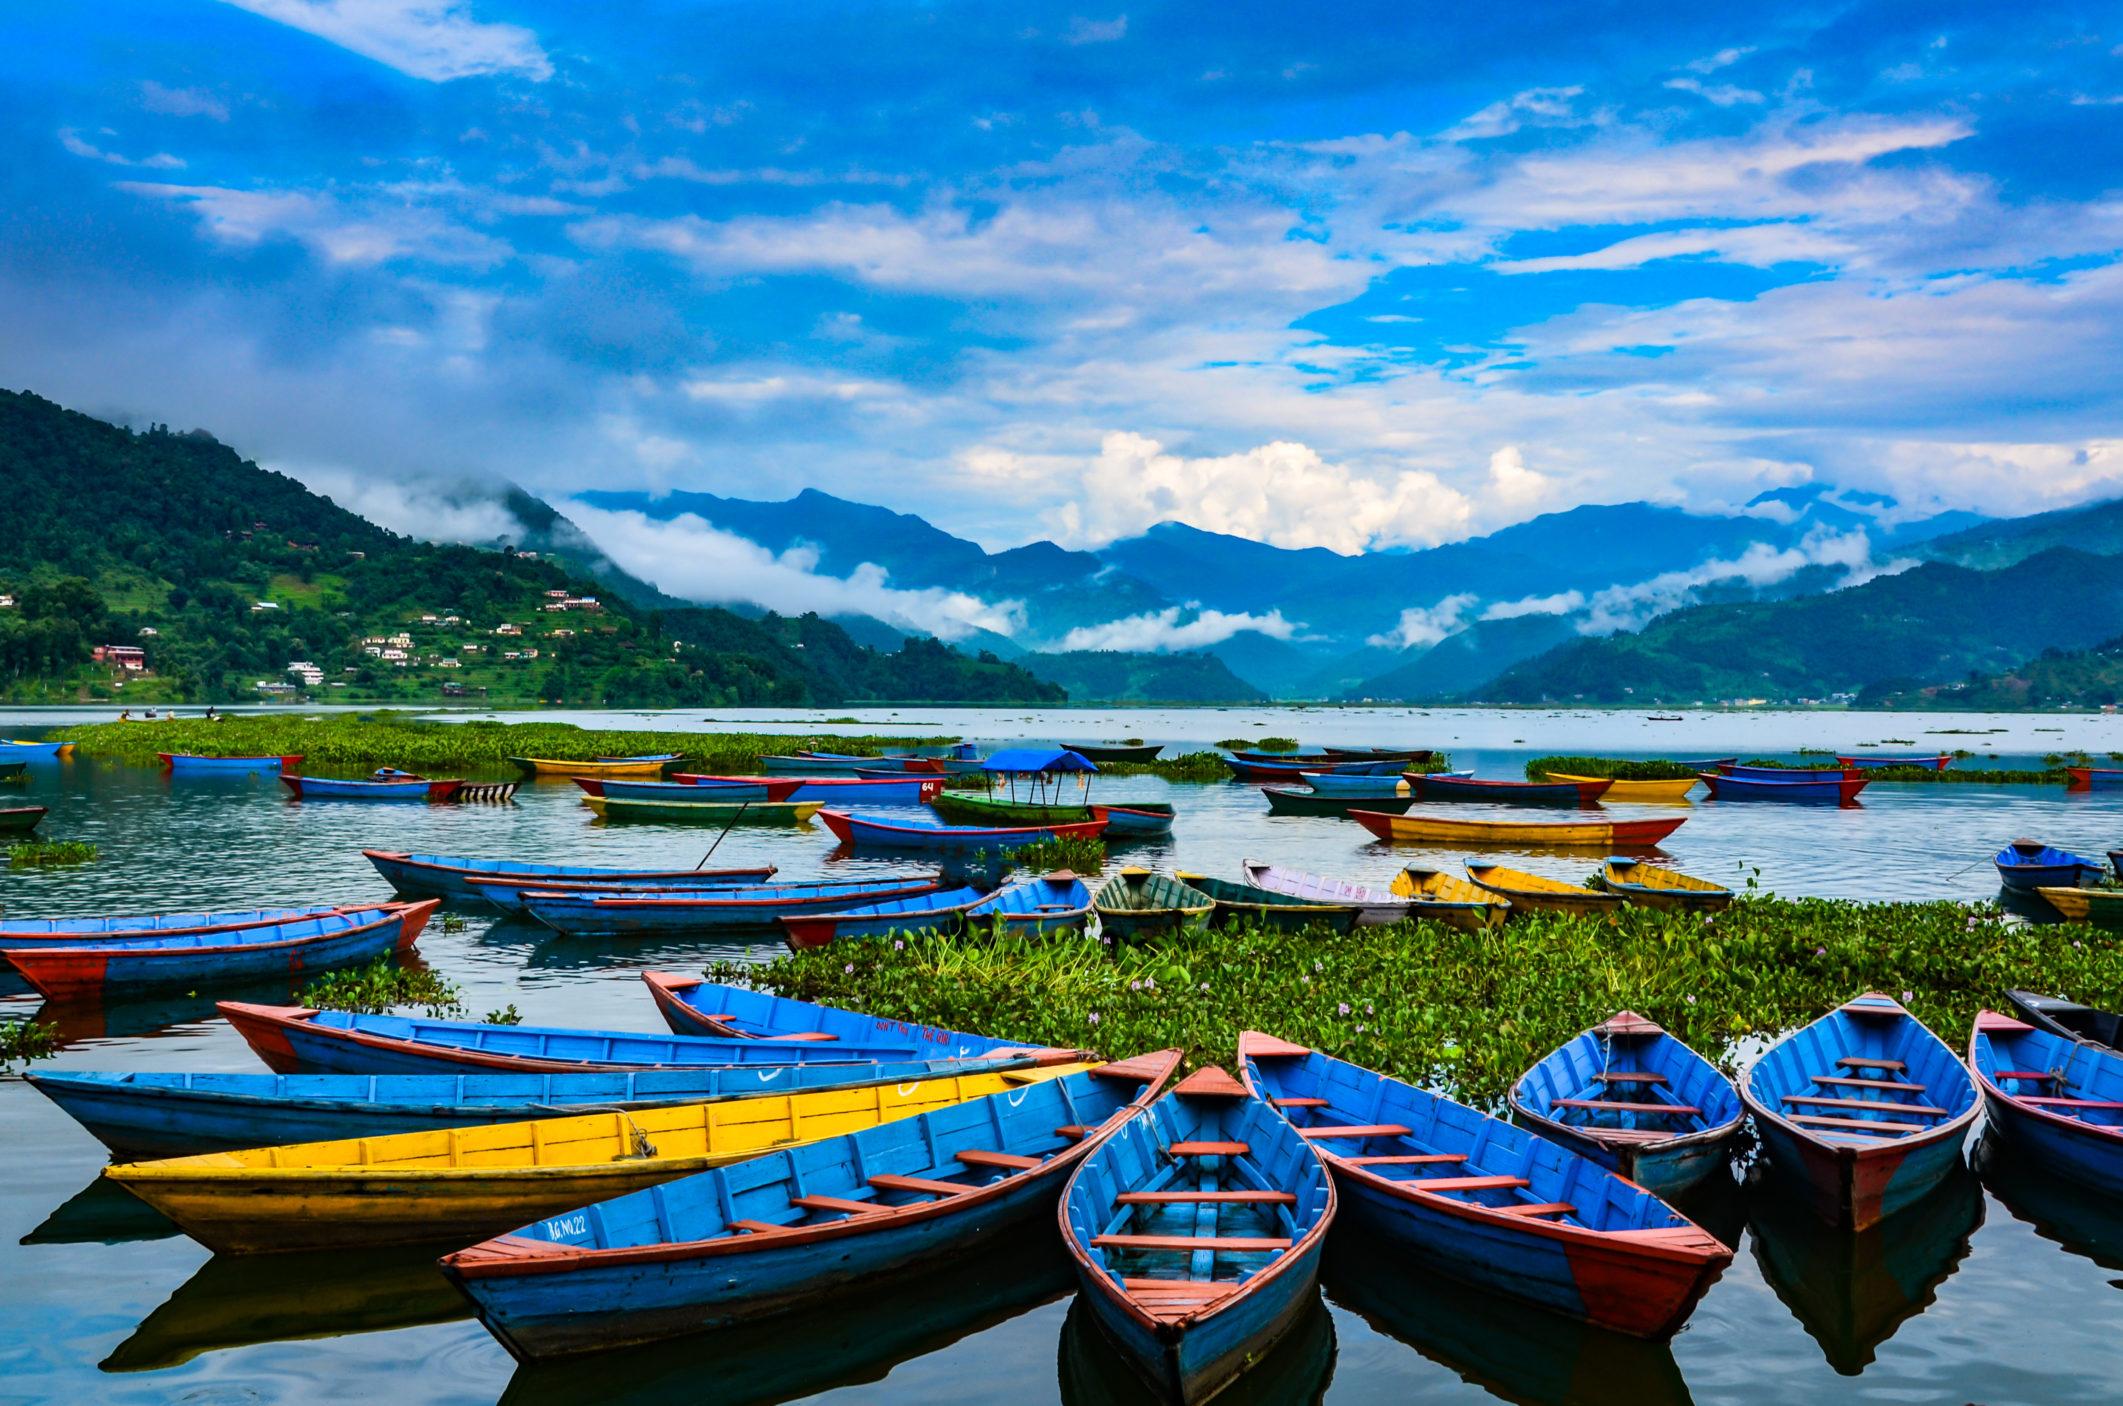 Nepal [Shutterstock]